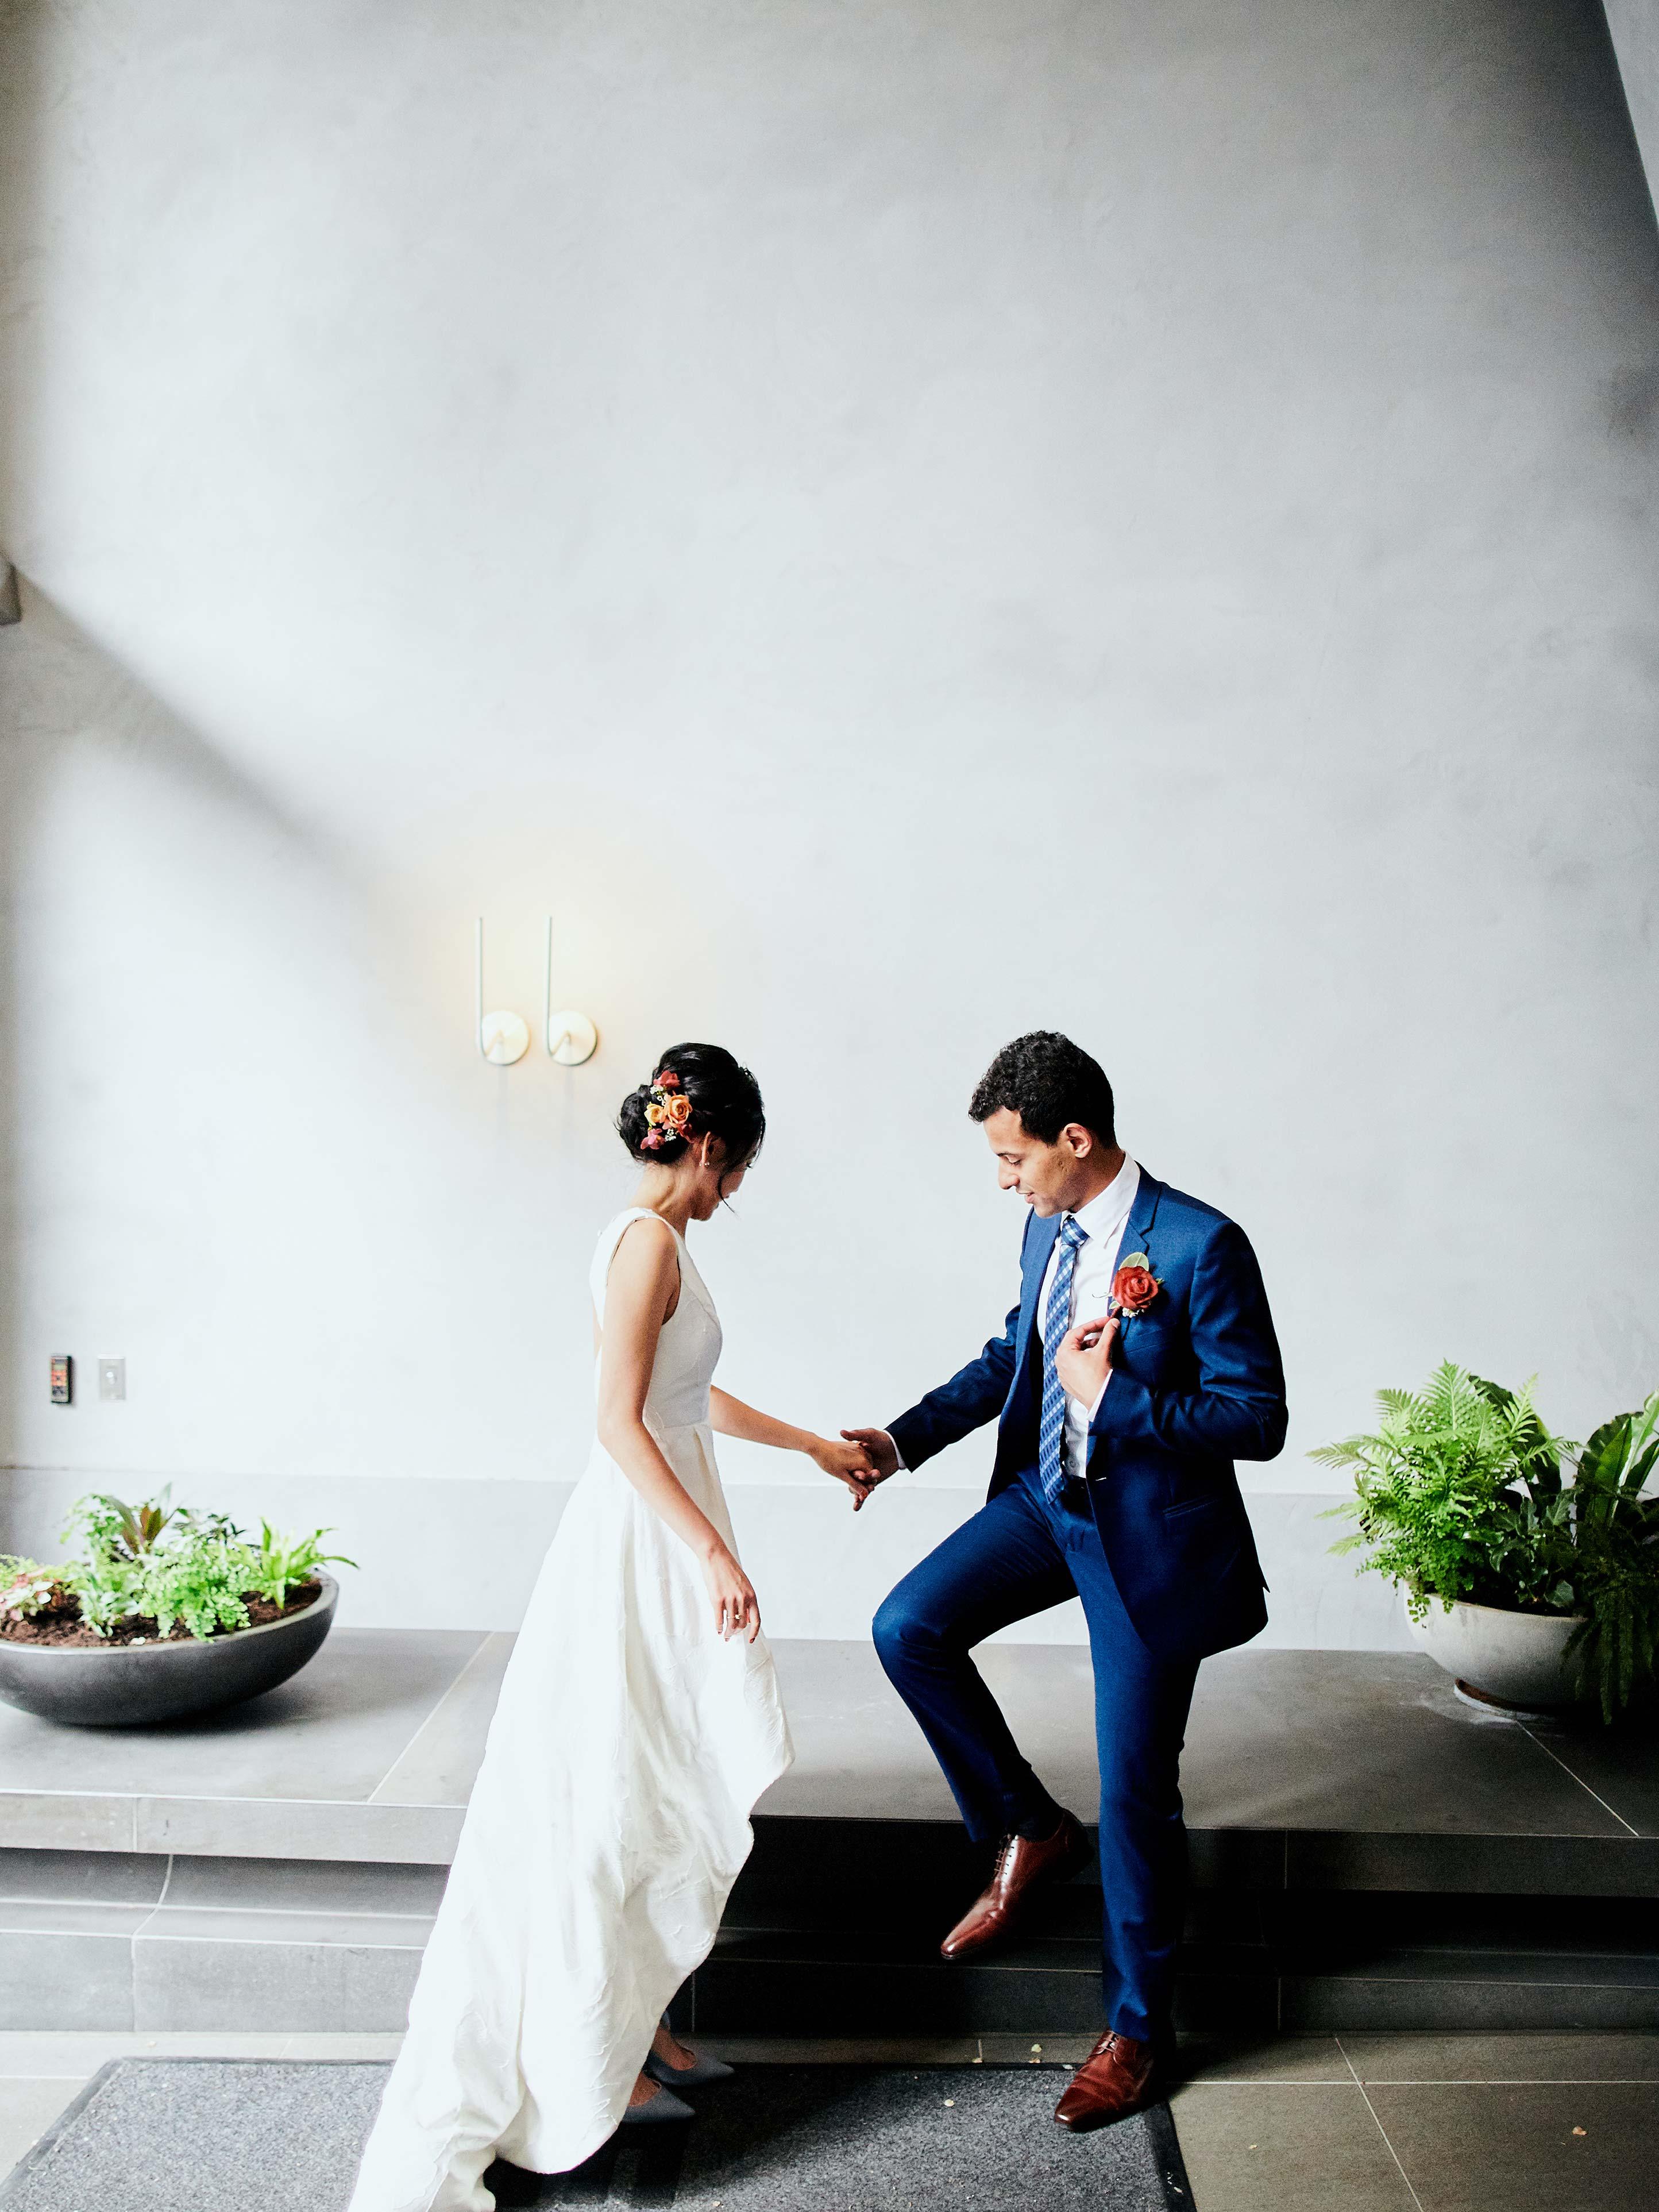 Melbourne-Wedding-Photographer-Kettle-Black-portrait